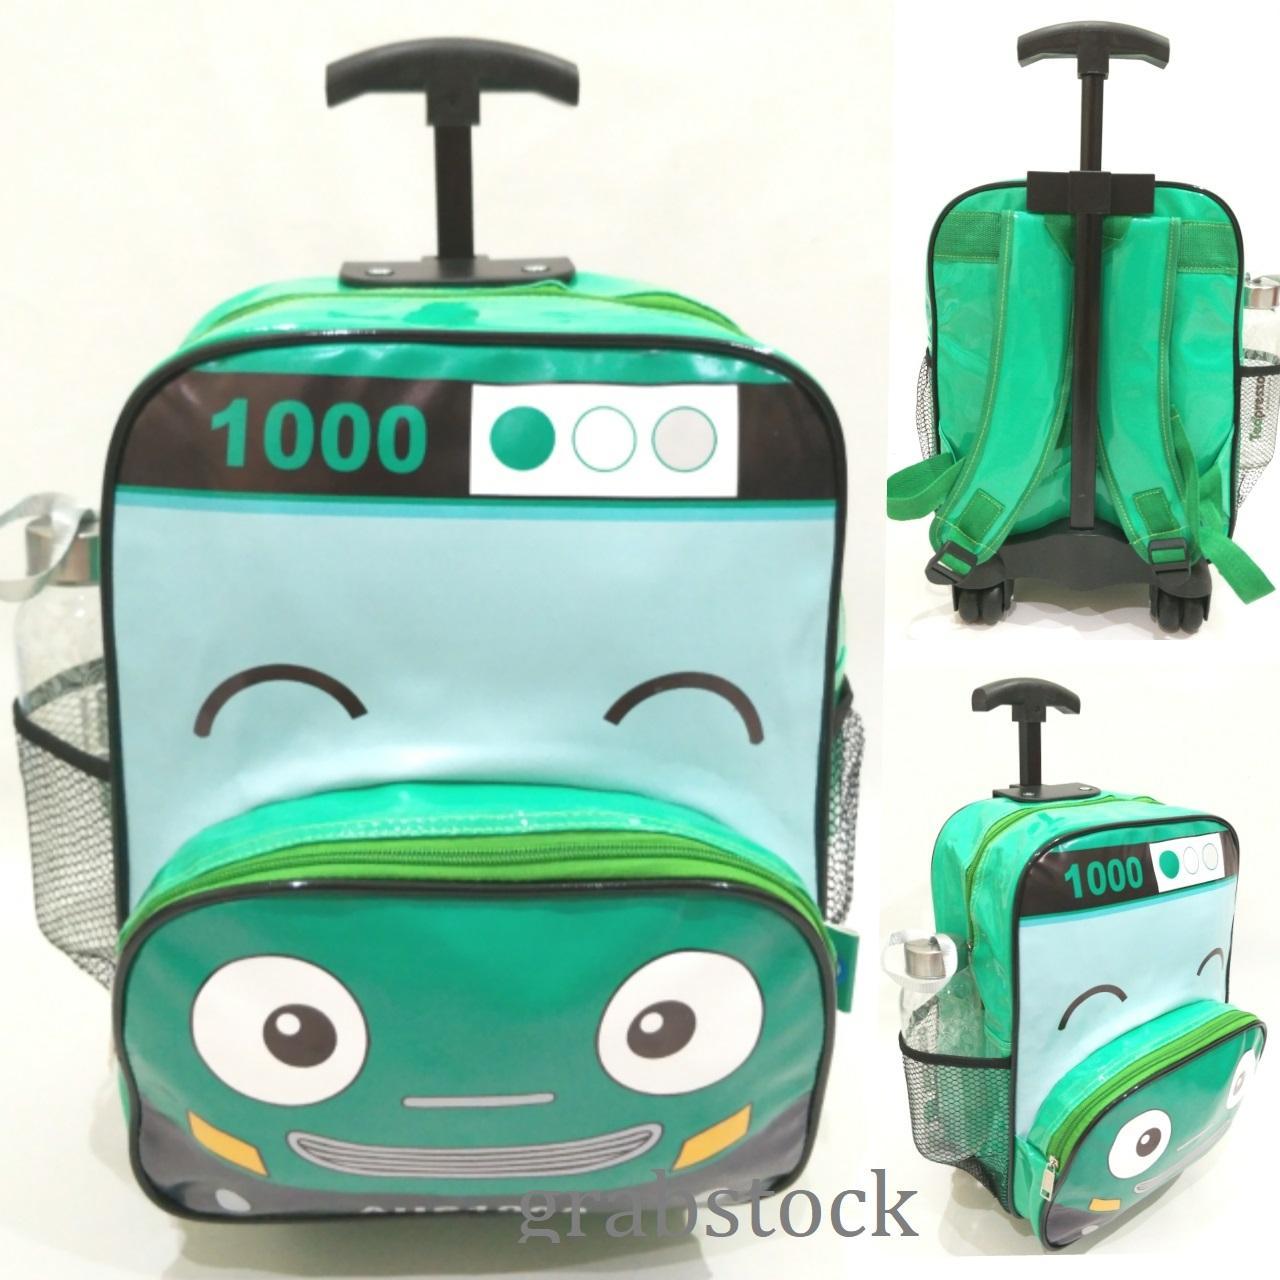 Onlan Thomas Trolley Anak Sekolah Tk Atau Play Group Bahan Kain Tas Ransel Paut Bus Tayo Sponge Mini Anti Air Troli Untuk